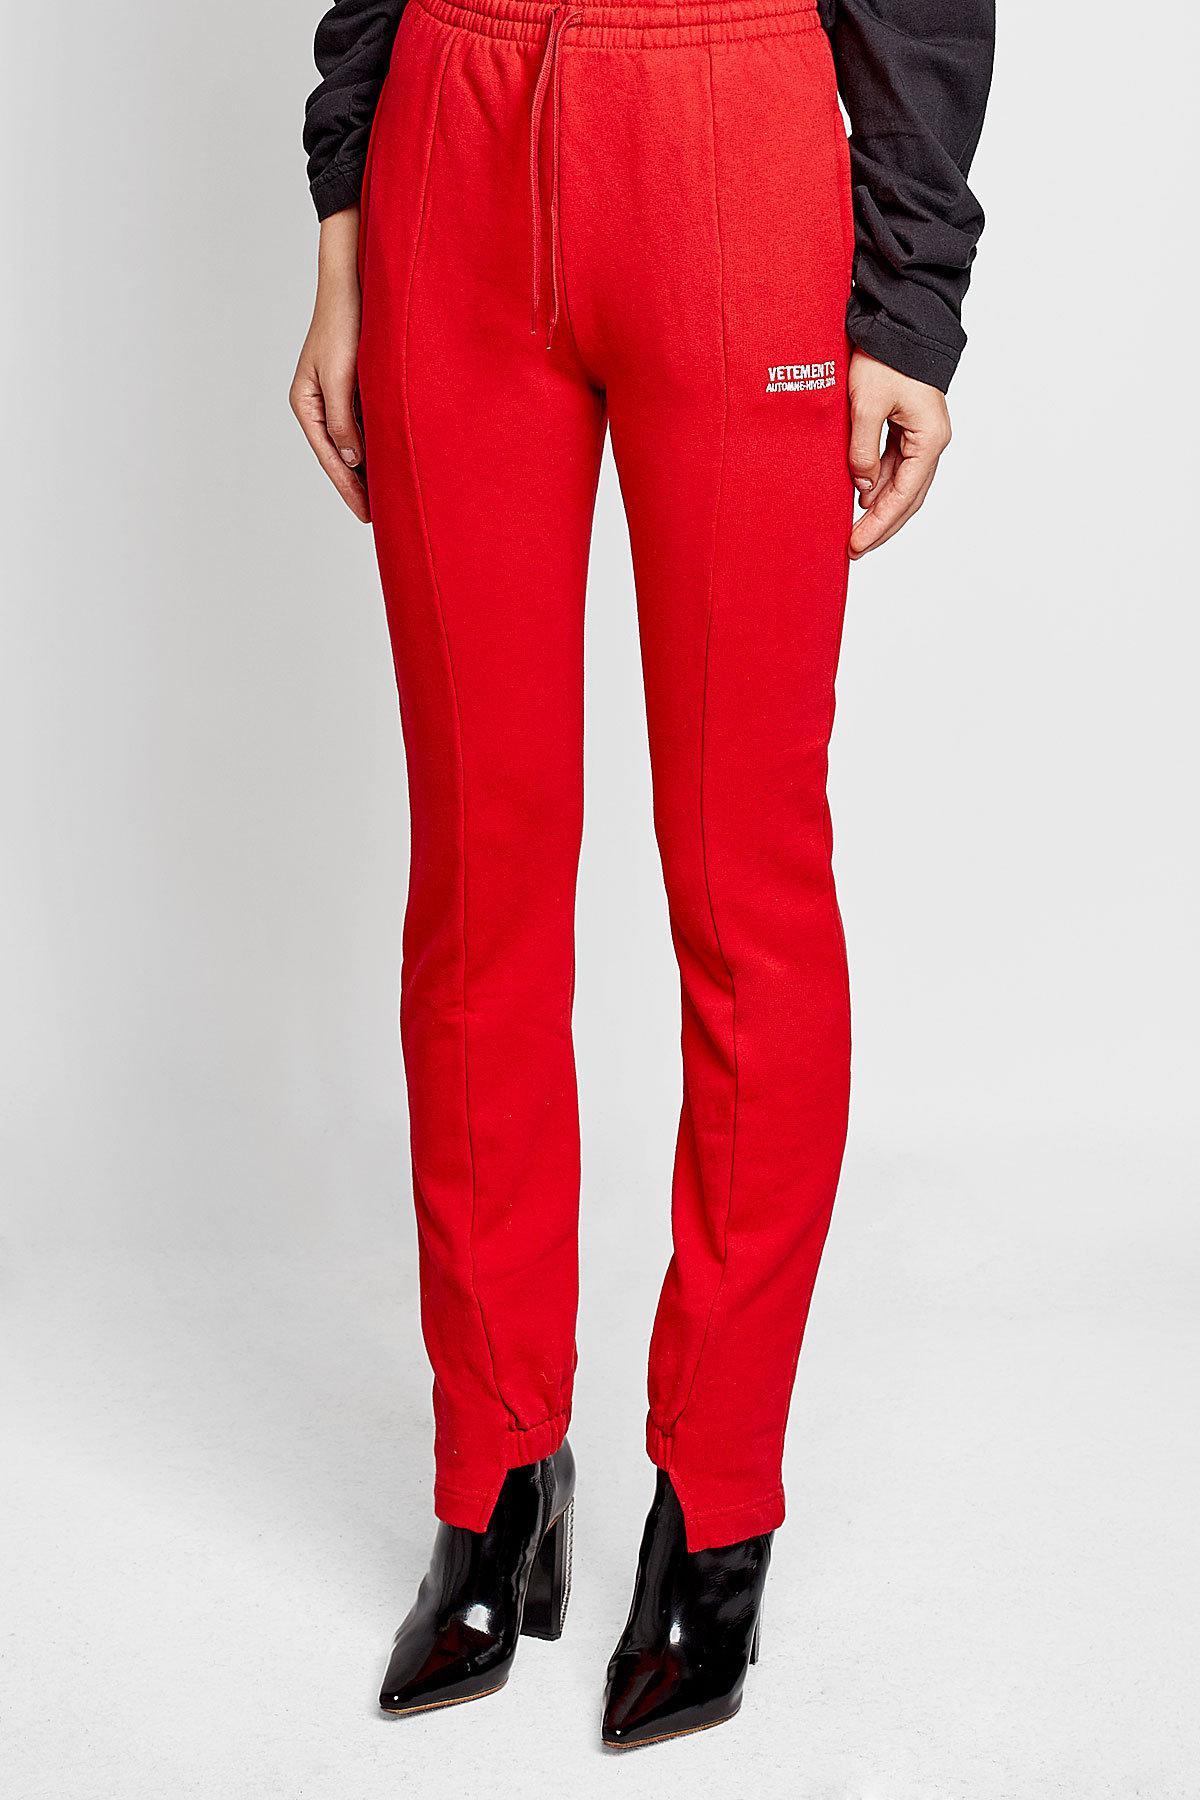 05a92671e1d88b Lyst - Pantalon de jogging en coton Vetements en coloris Rouge